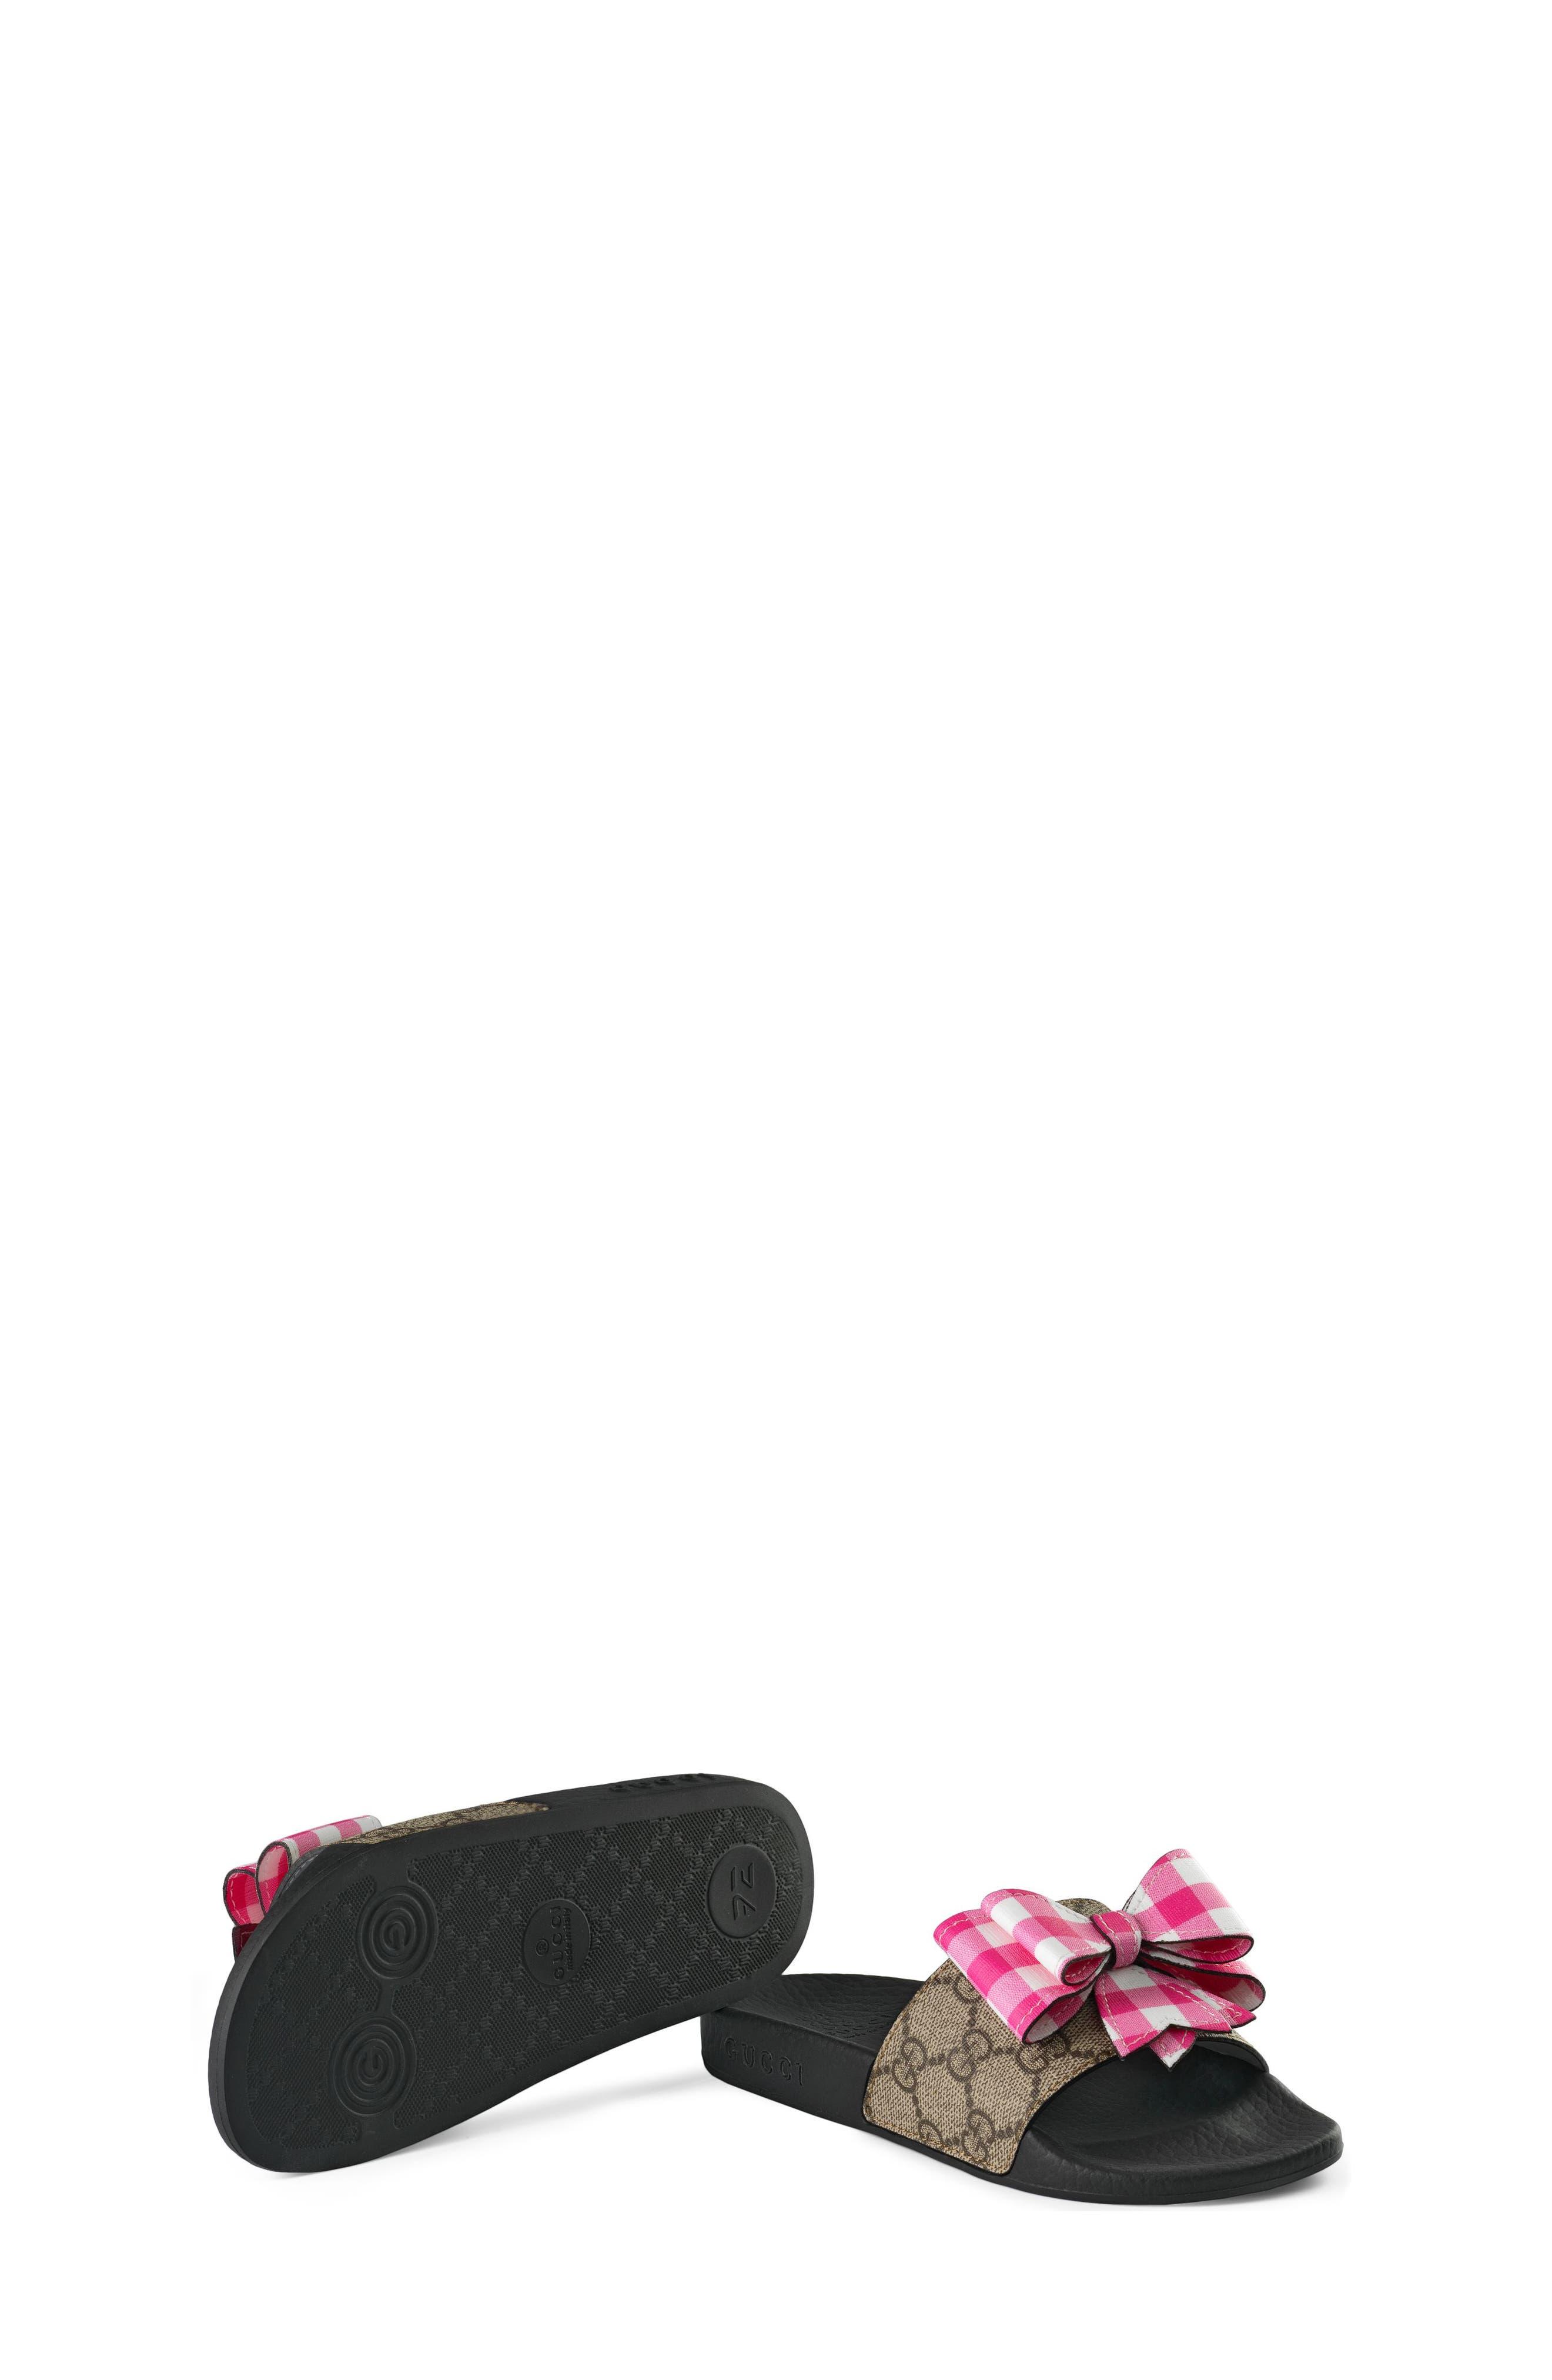 Pursuit Bow Slide,                             Alternate thumbnail 5, color,                             Beige/ Pink